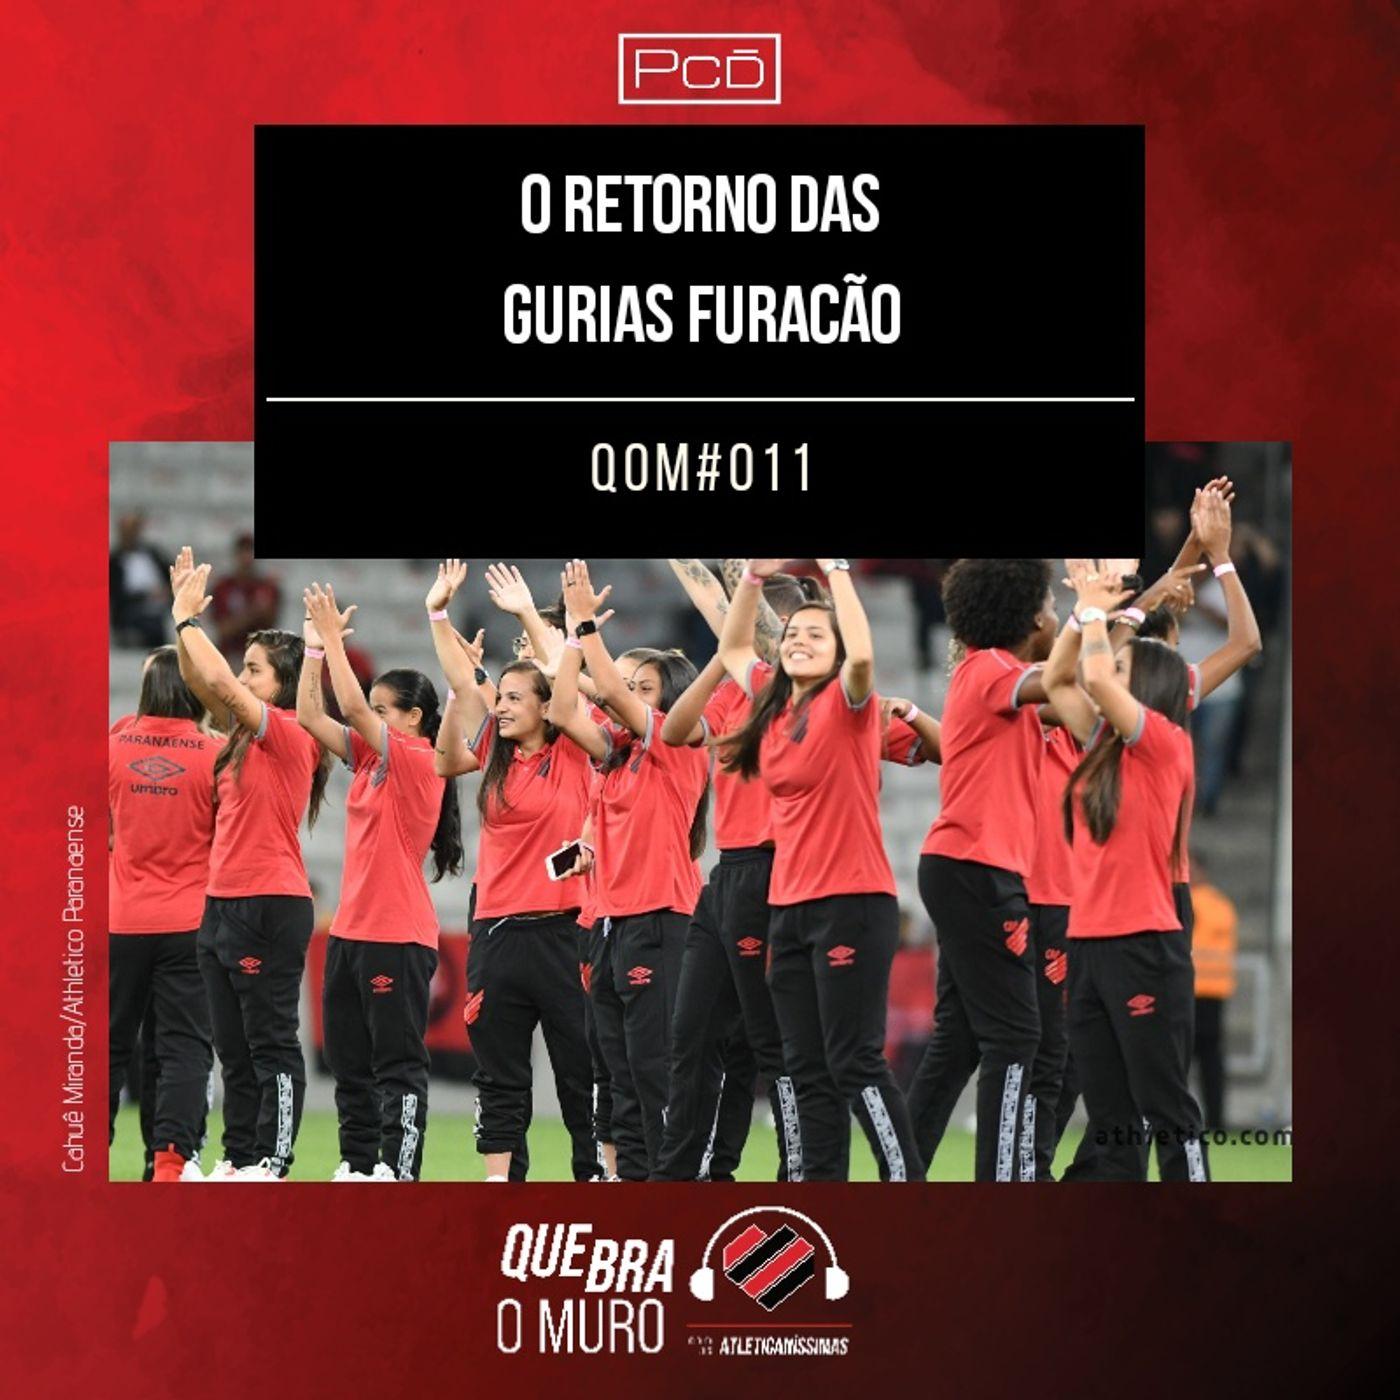 #011 - O RETORNO DAS GURIAS FURACÃO